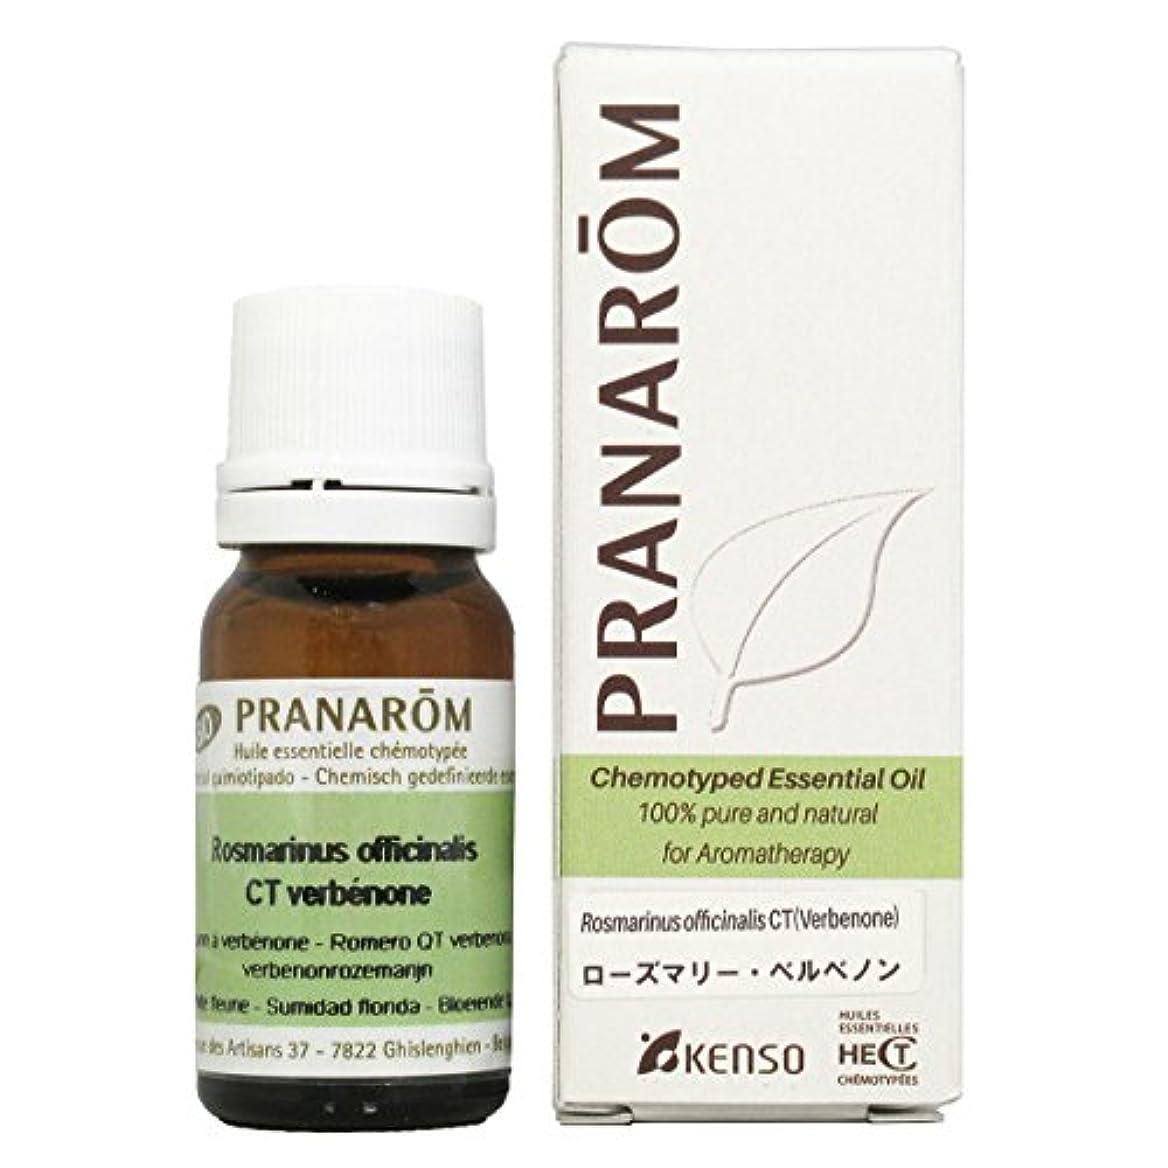 応援する頂点時期尚早プラナロム ローズマリーベルベノン 10ml (PRANAROM ケモタイプ精油)